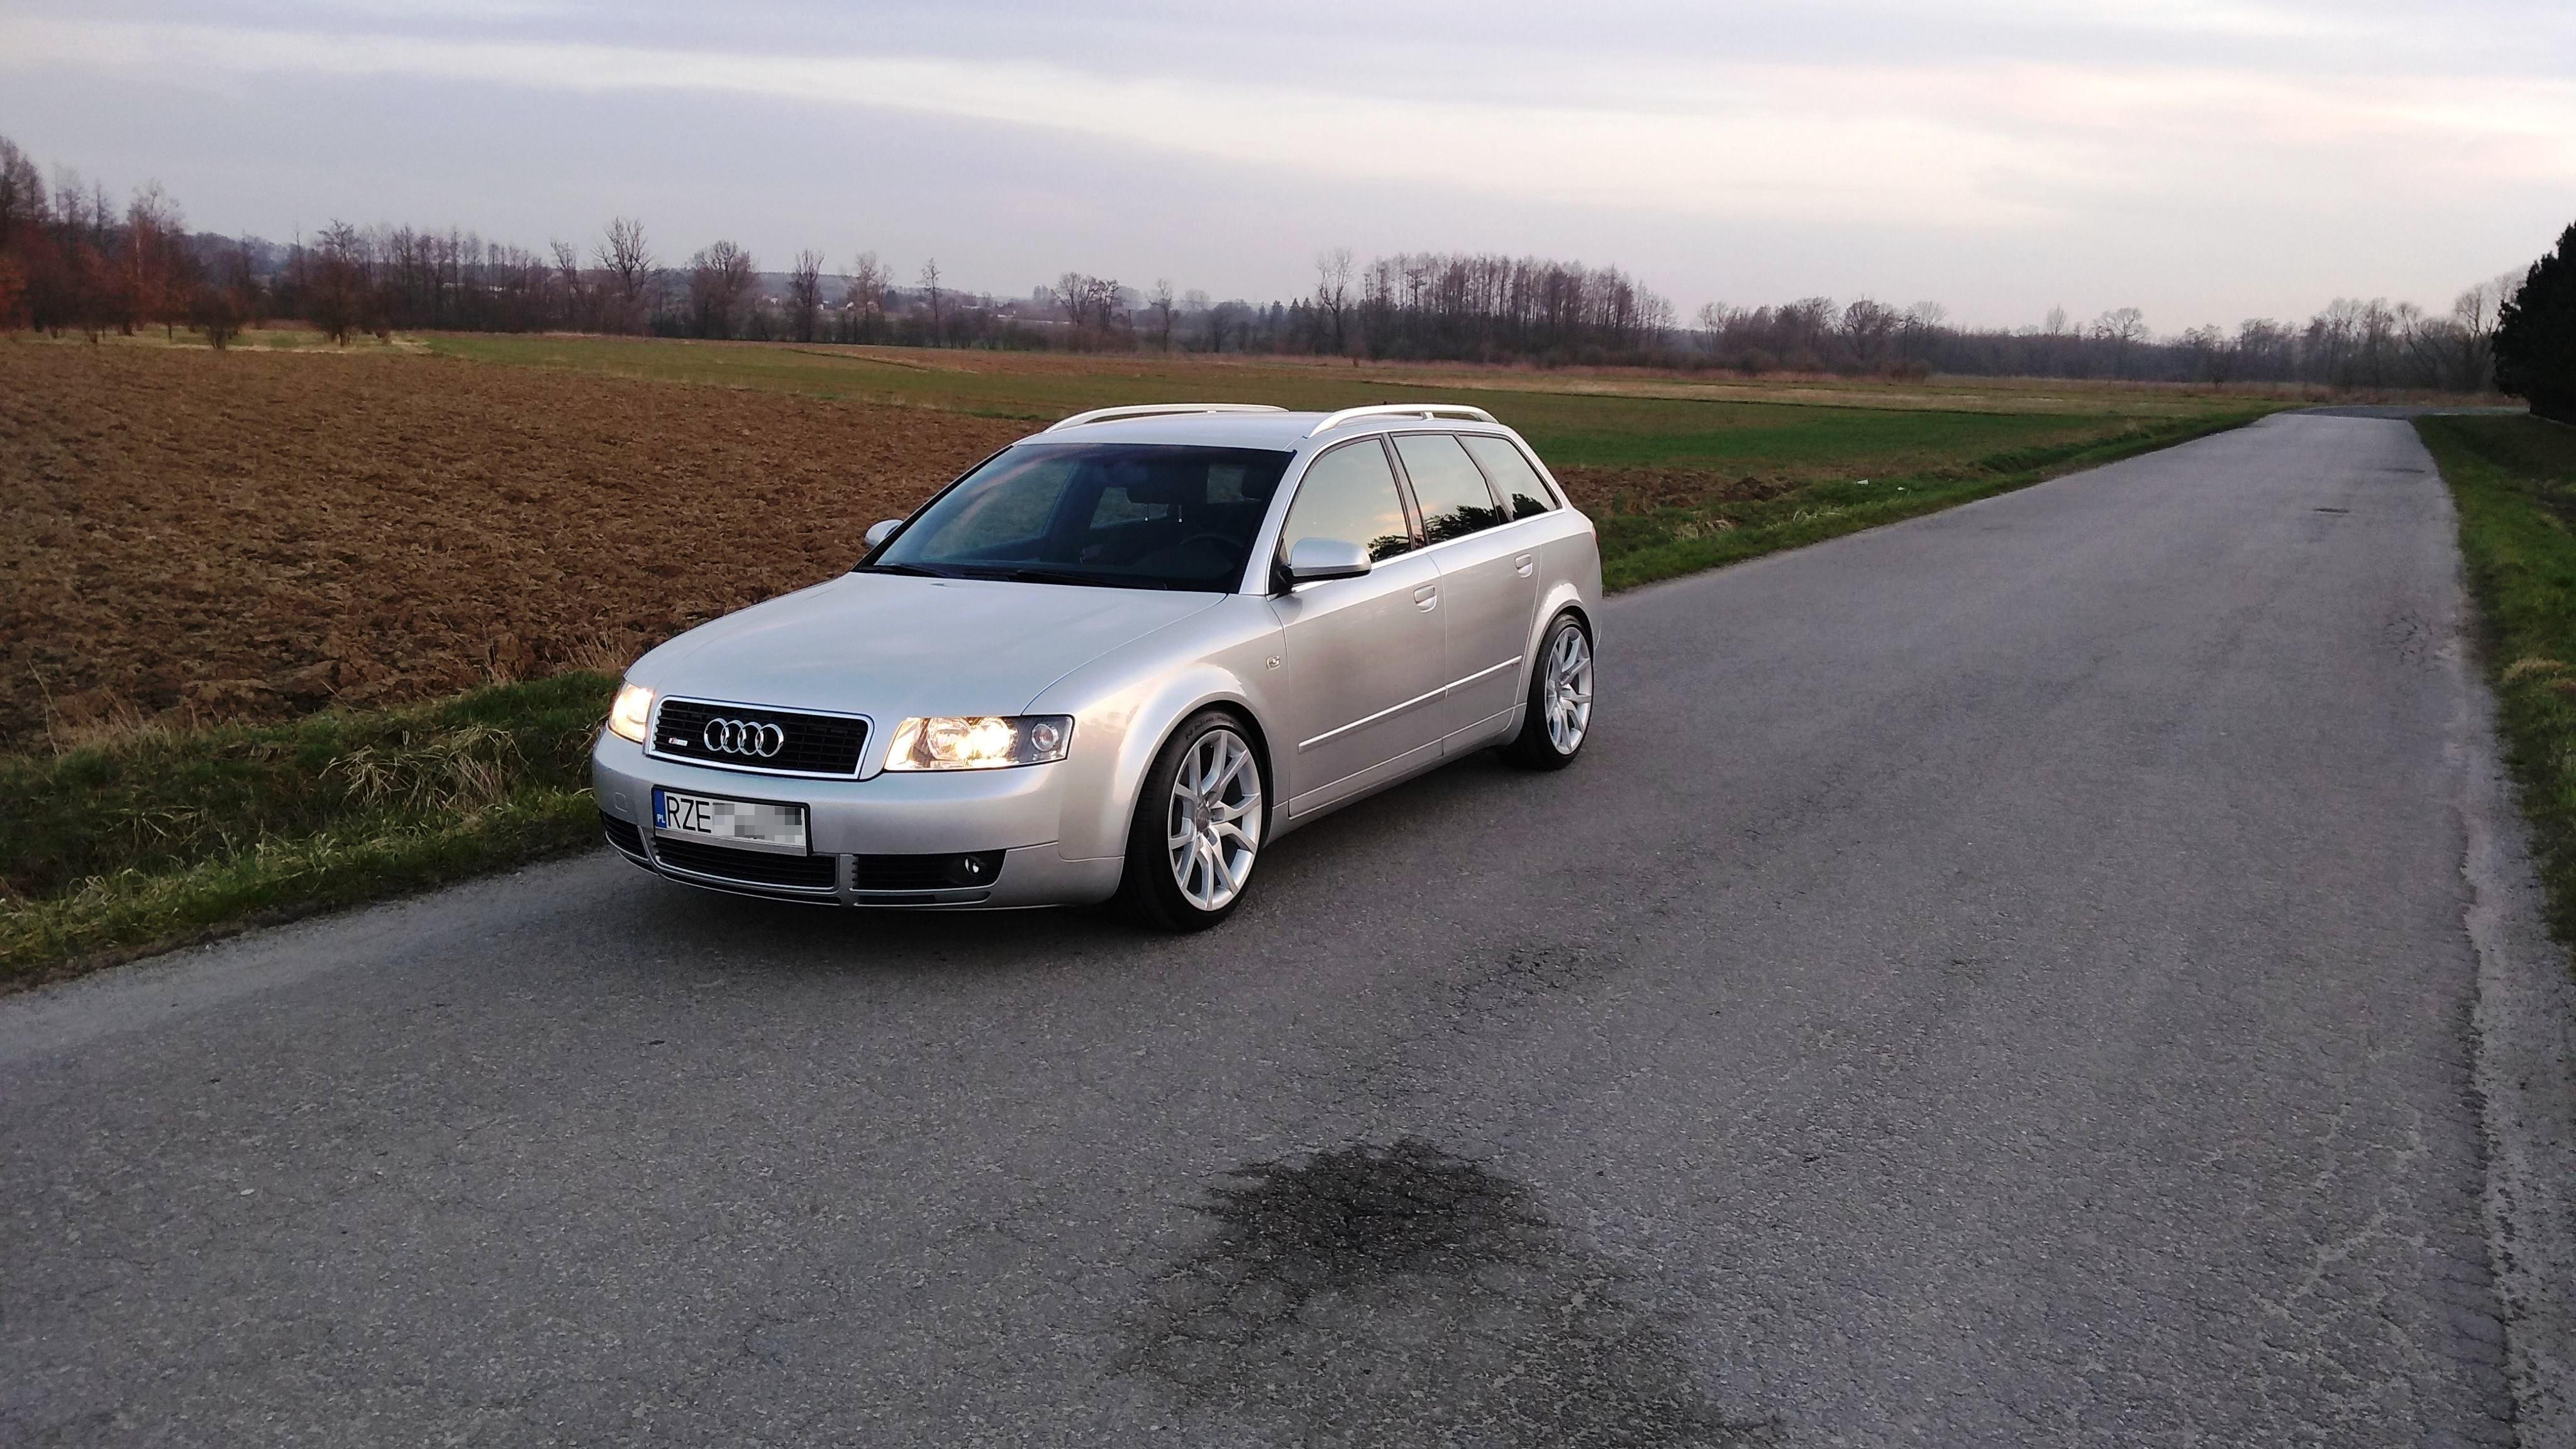 Audi A4 B6 1.8T 190KM >> 226KM 340Nm